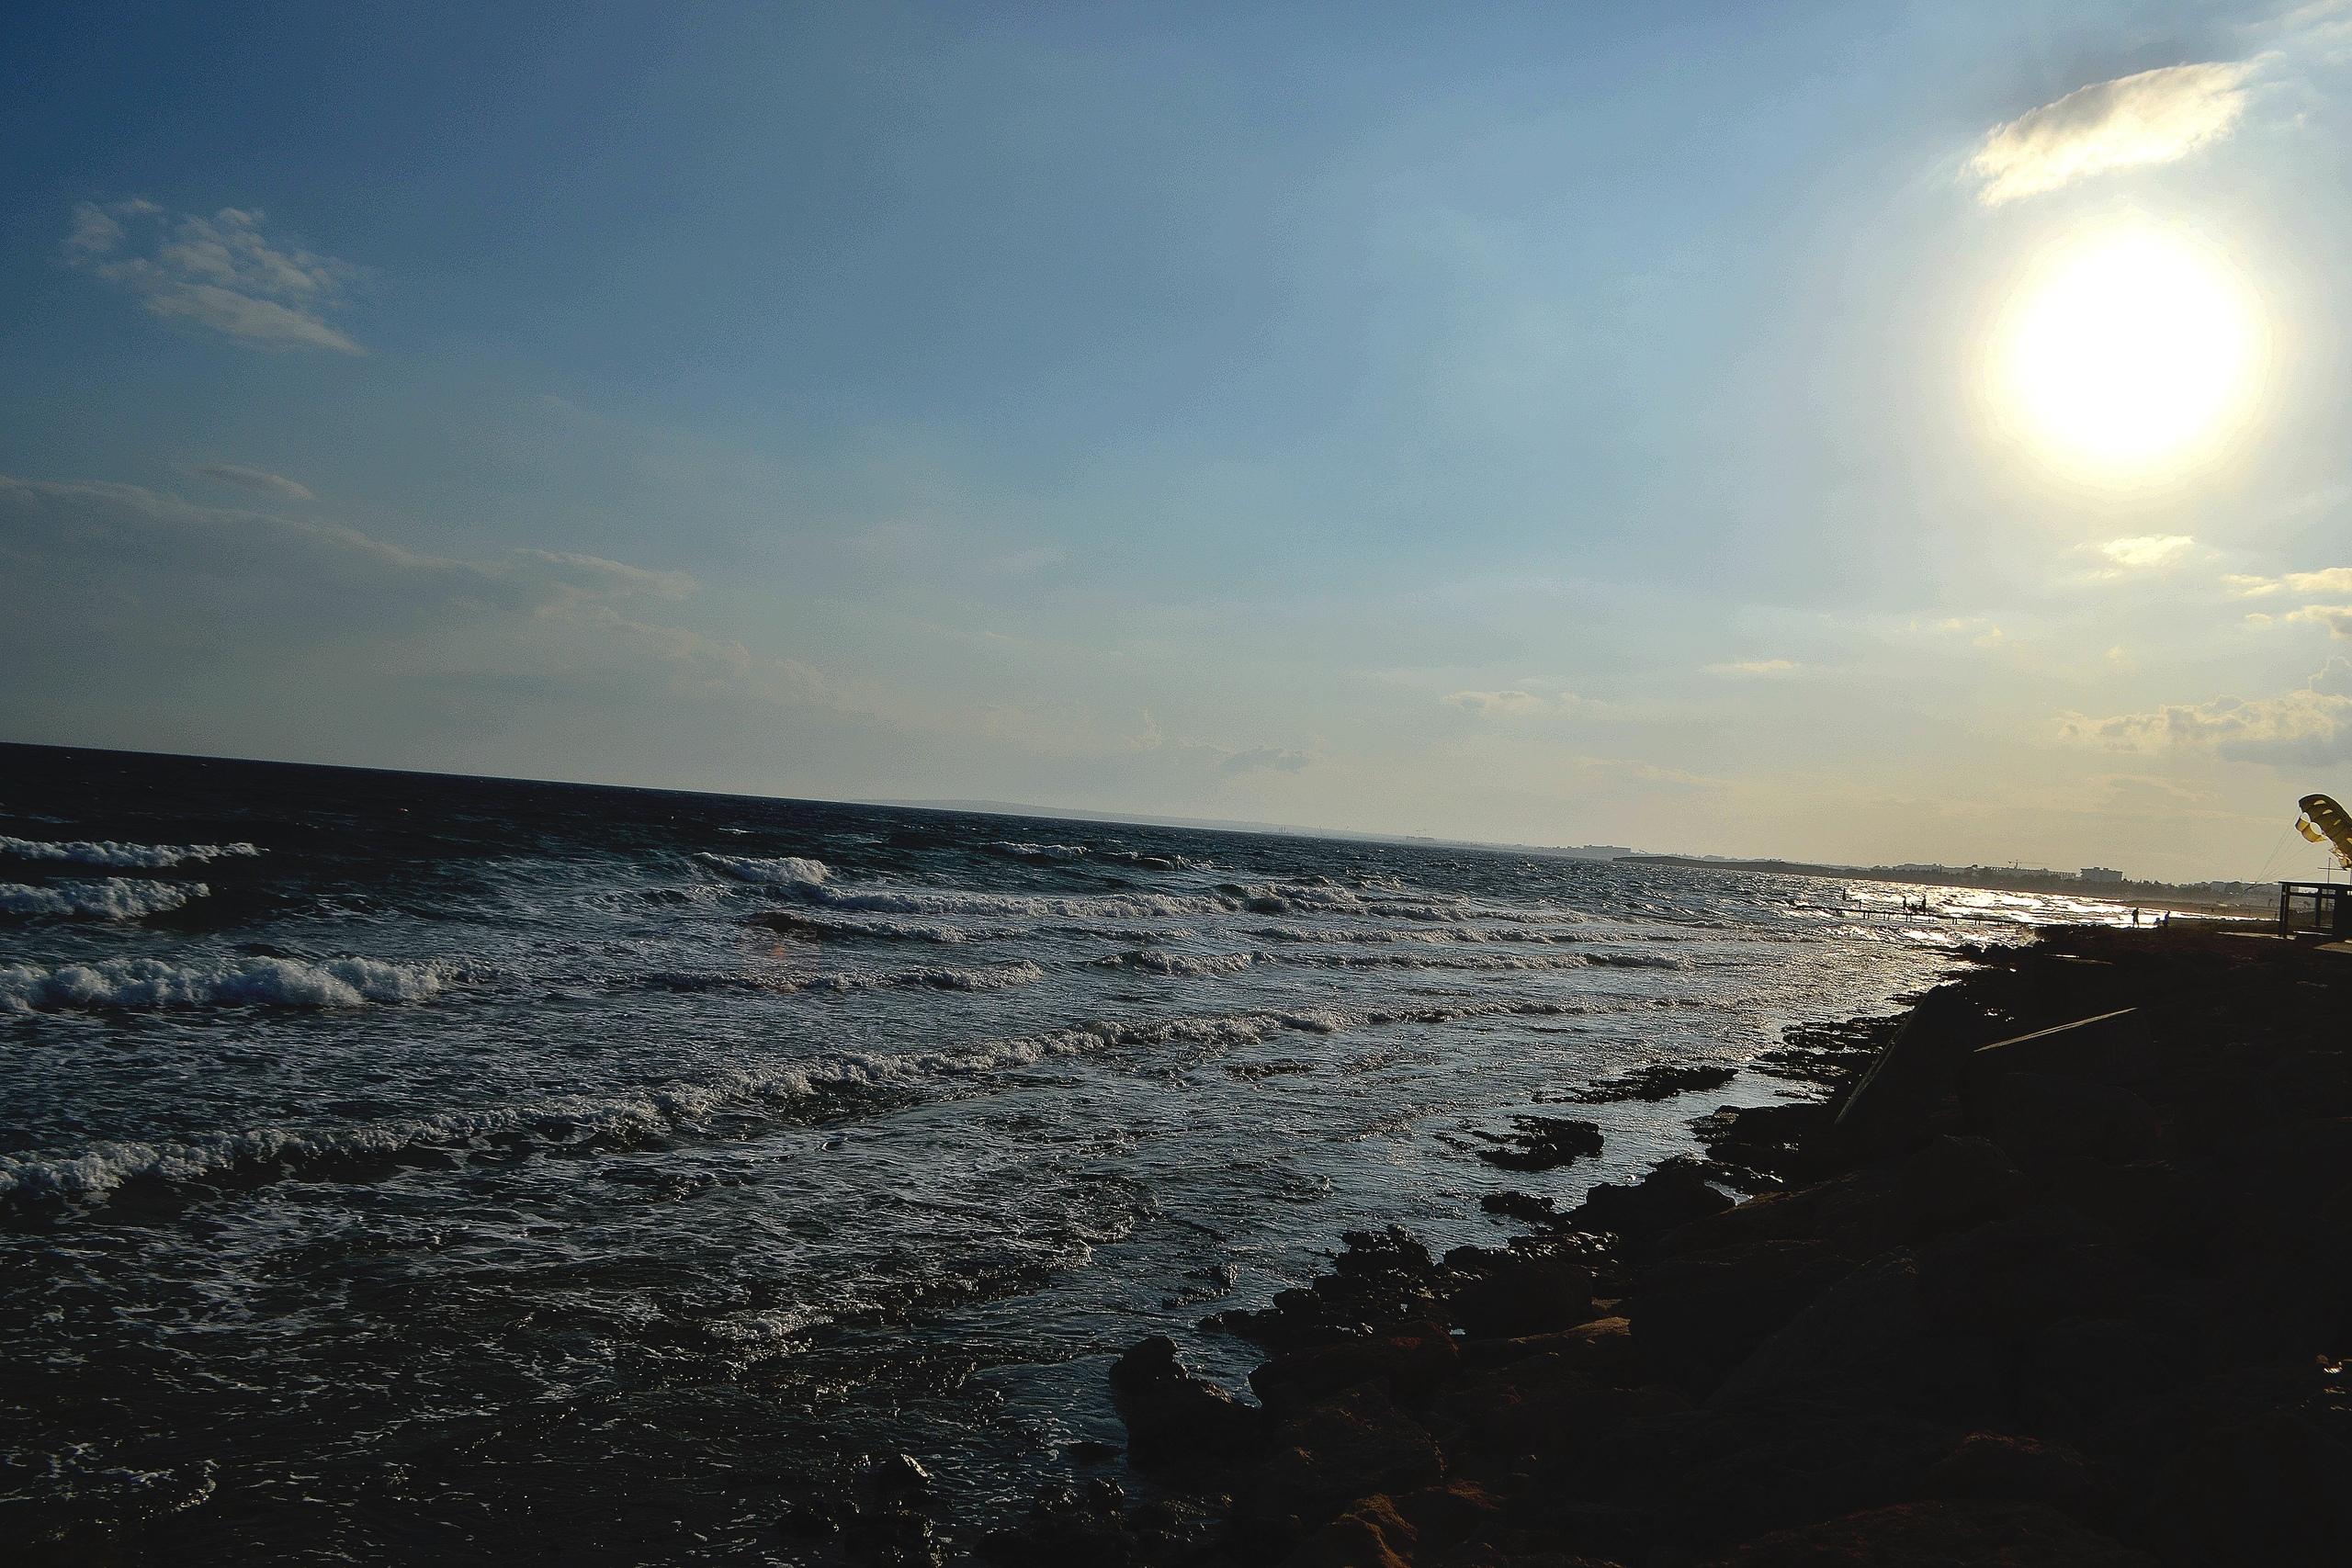 Елена Руденко (Валтея). Кипр. Айия-Напа (фото). - Страница 4 Tc8dghyMABM